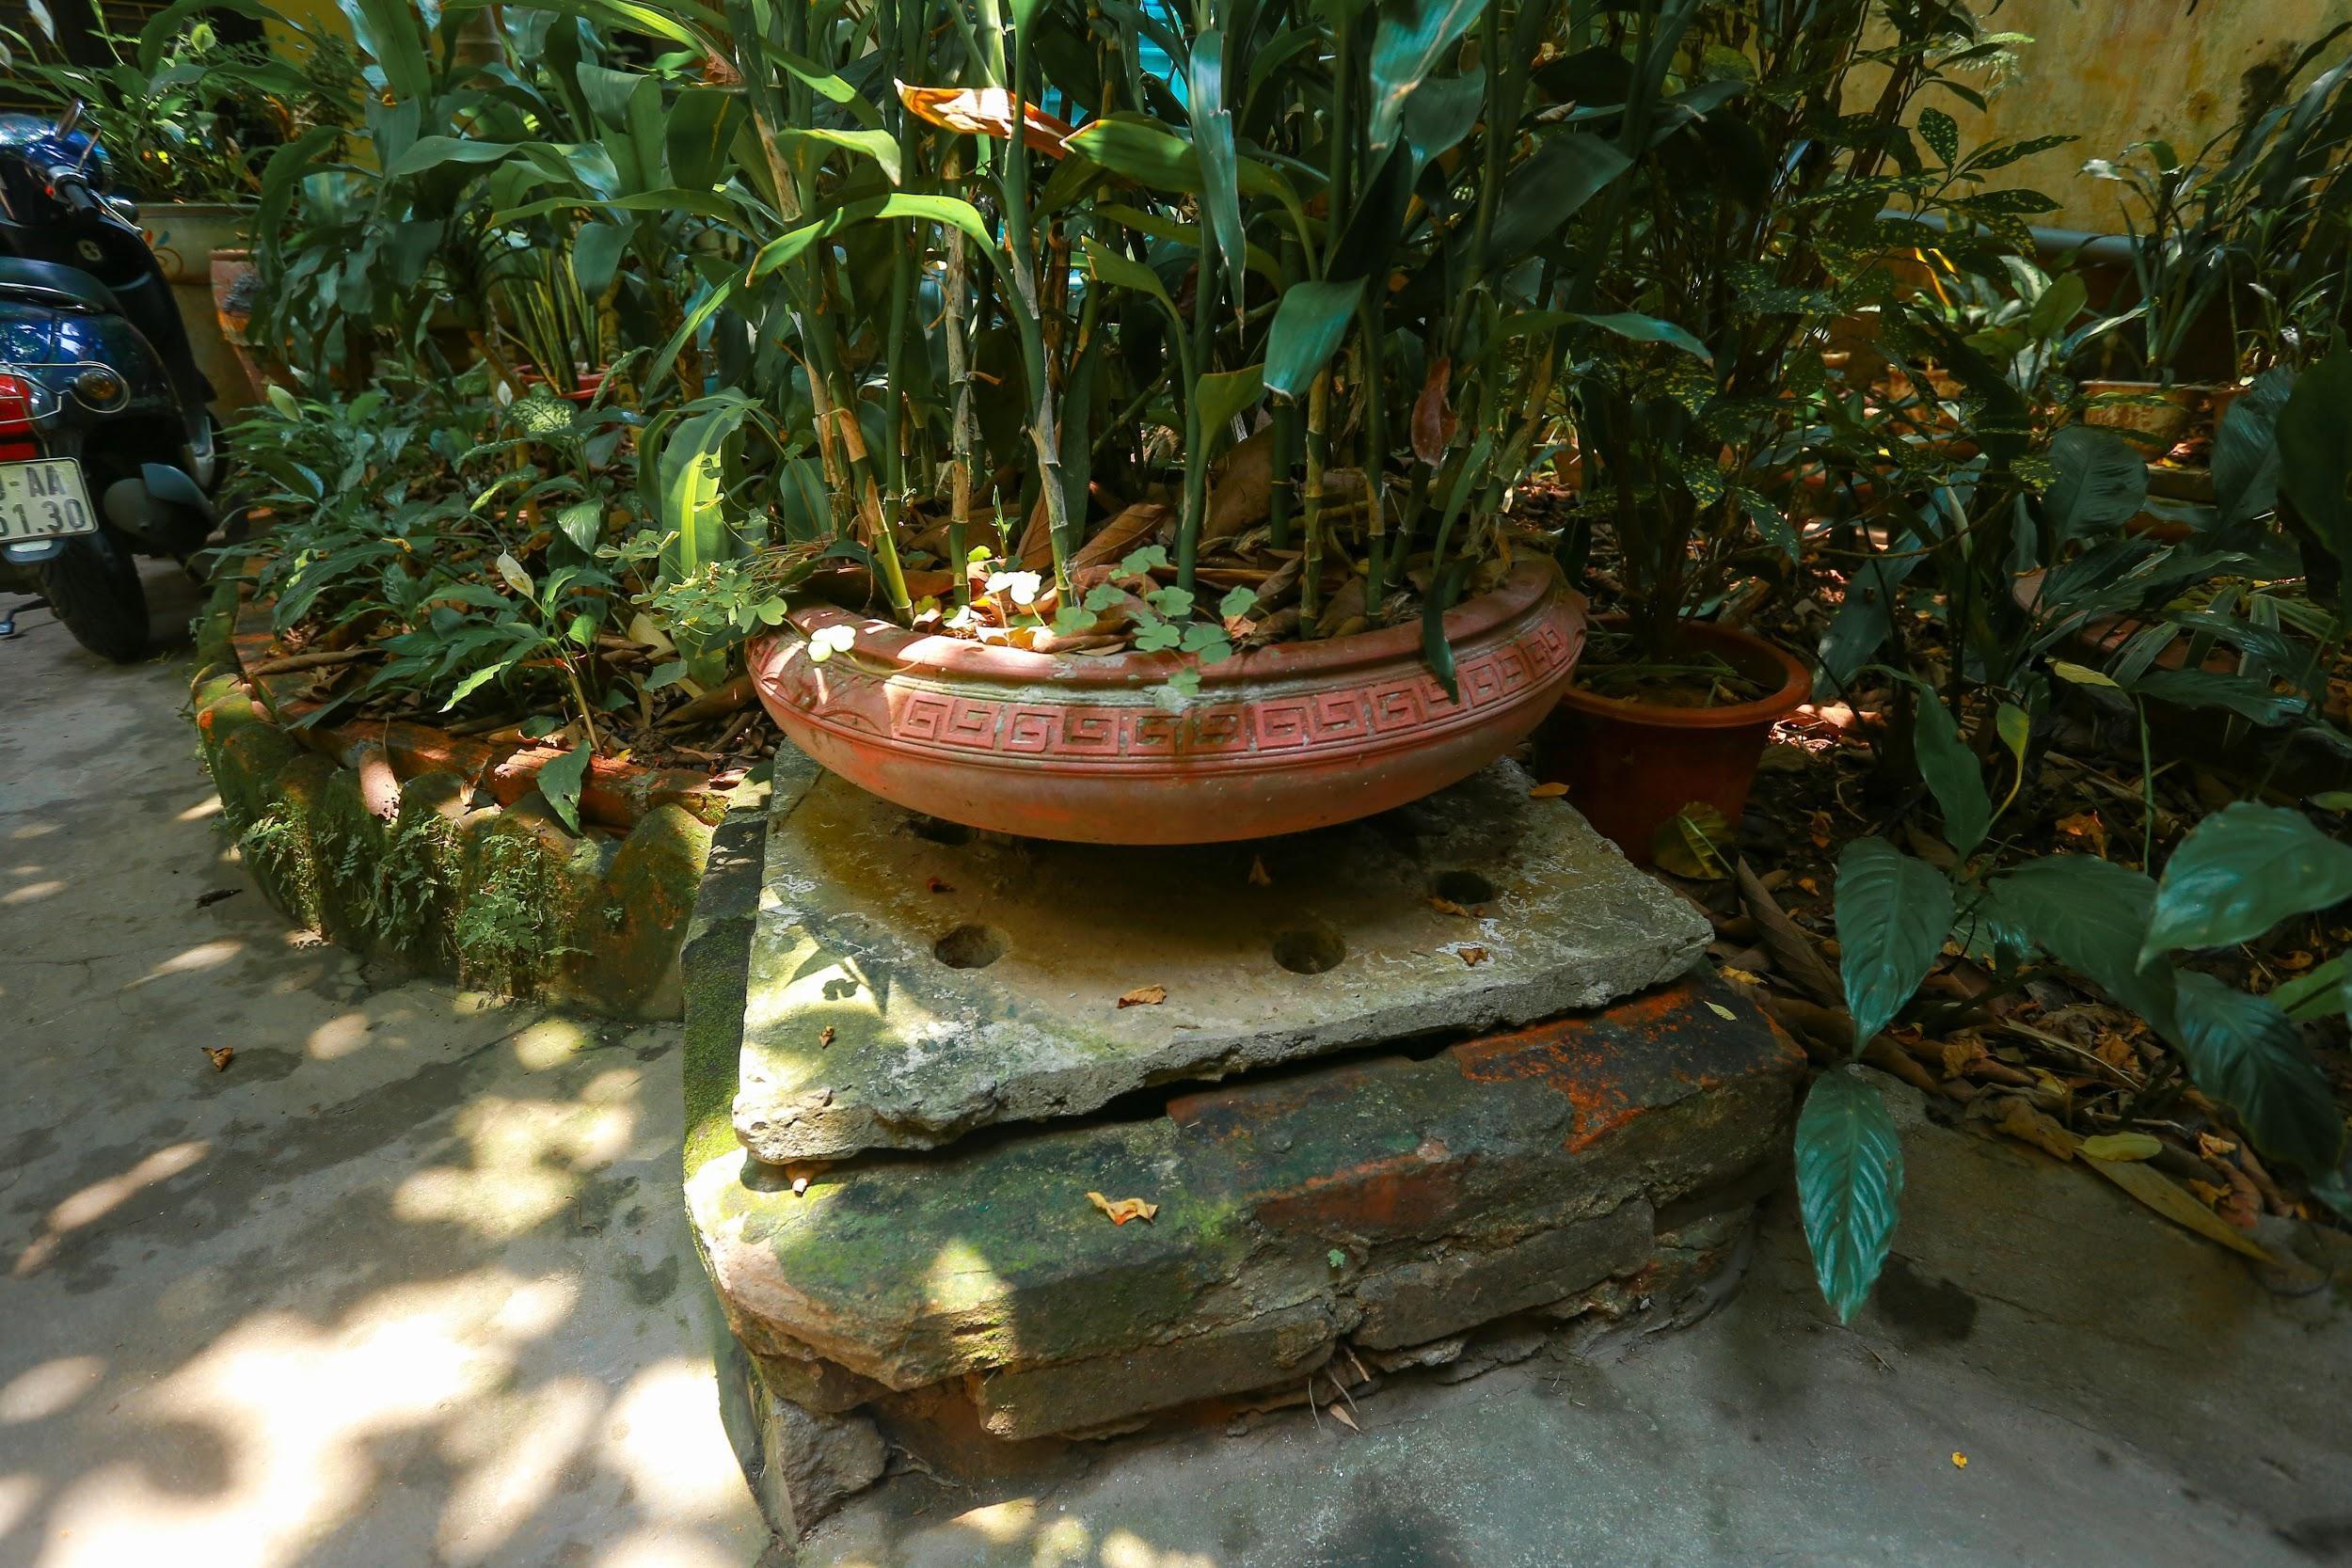 Biệt thự vườn rộng 700m2 của đại gia kim hoàn phố cổ Hà Nội một thời - 6